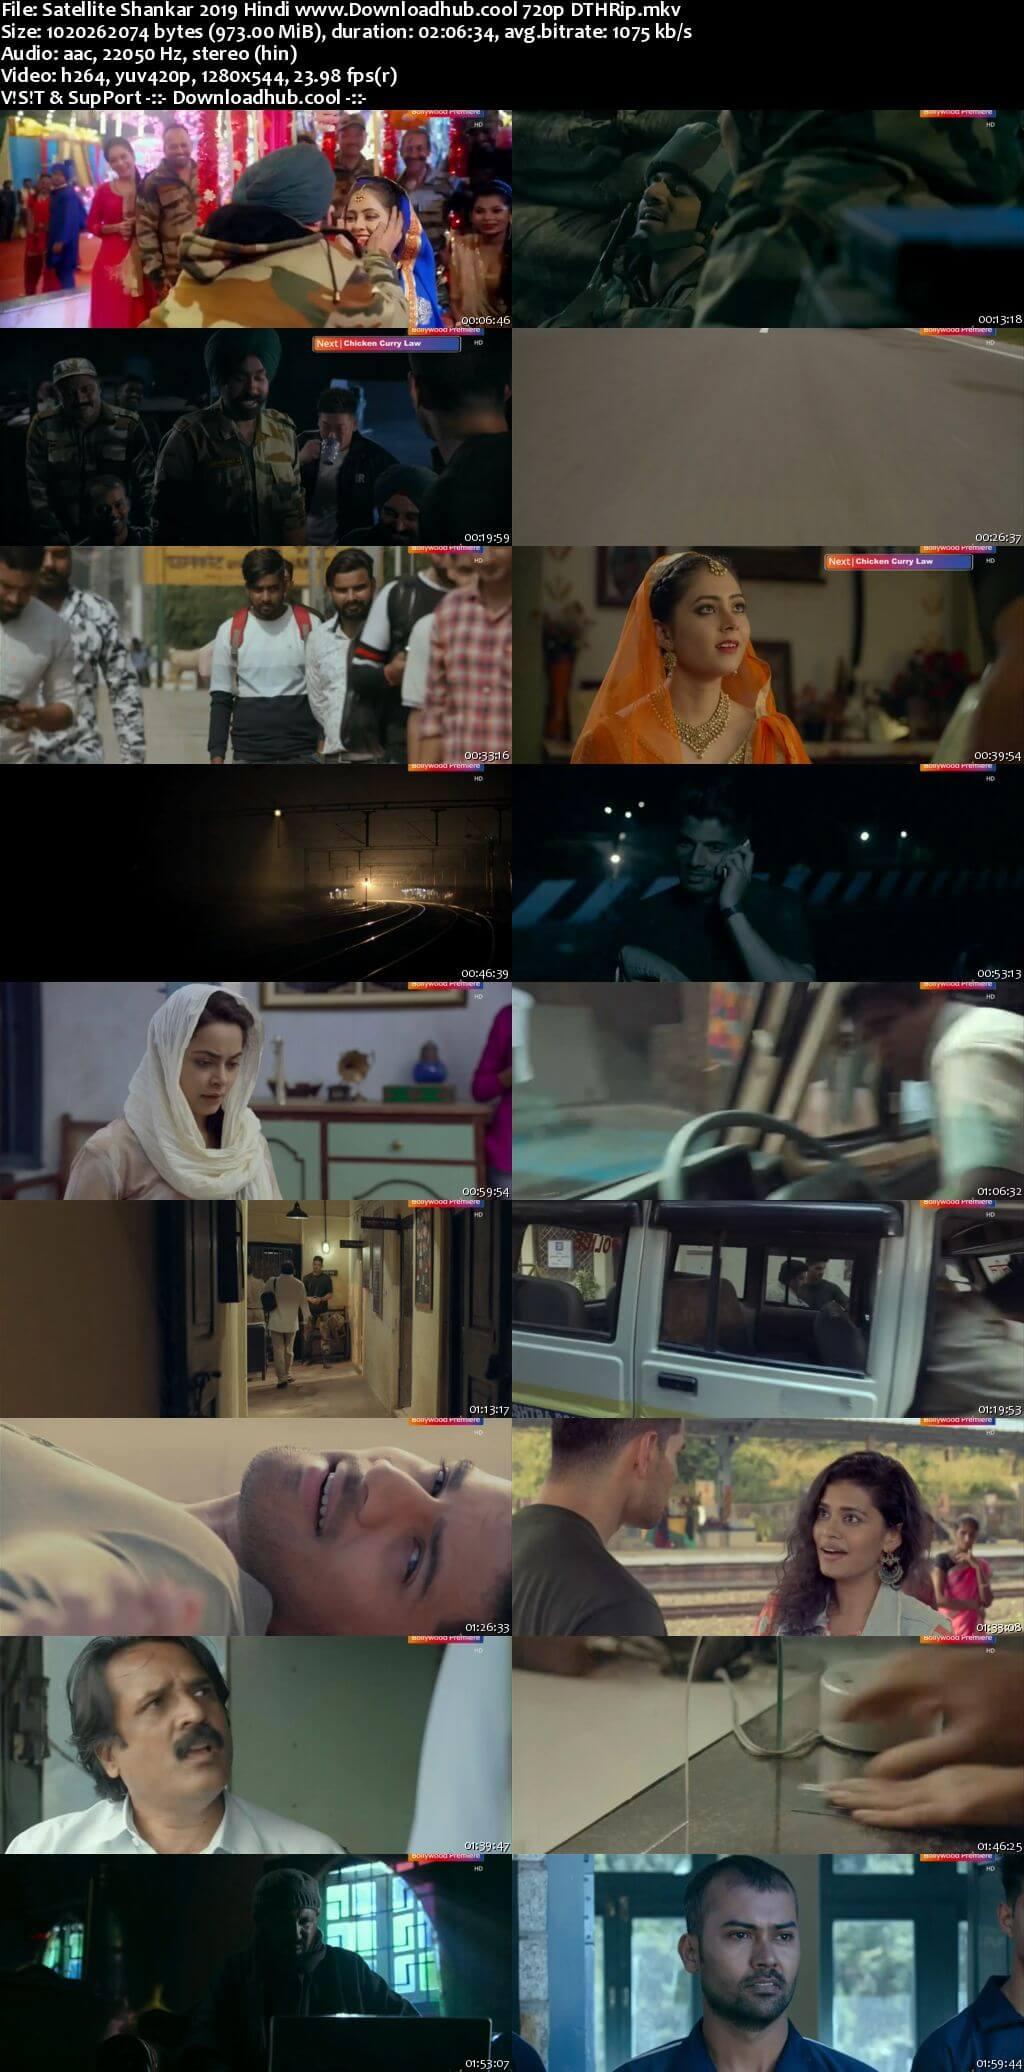 Satellite Shankar 2019 Hindi 720p DTHRip x264